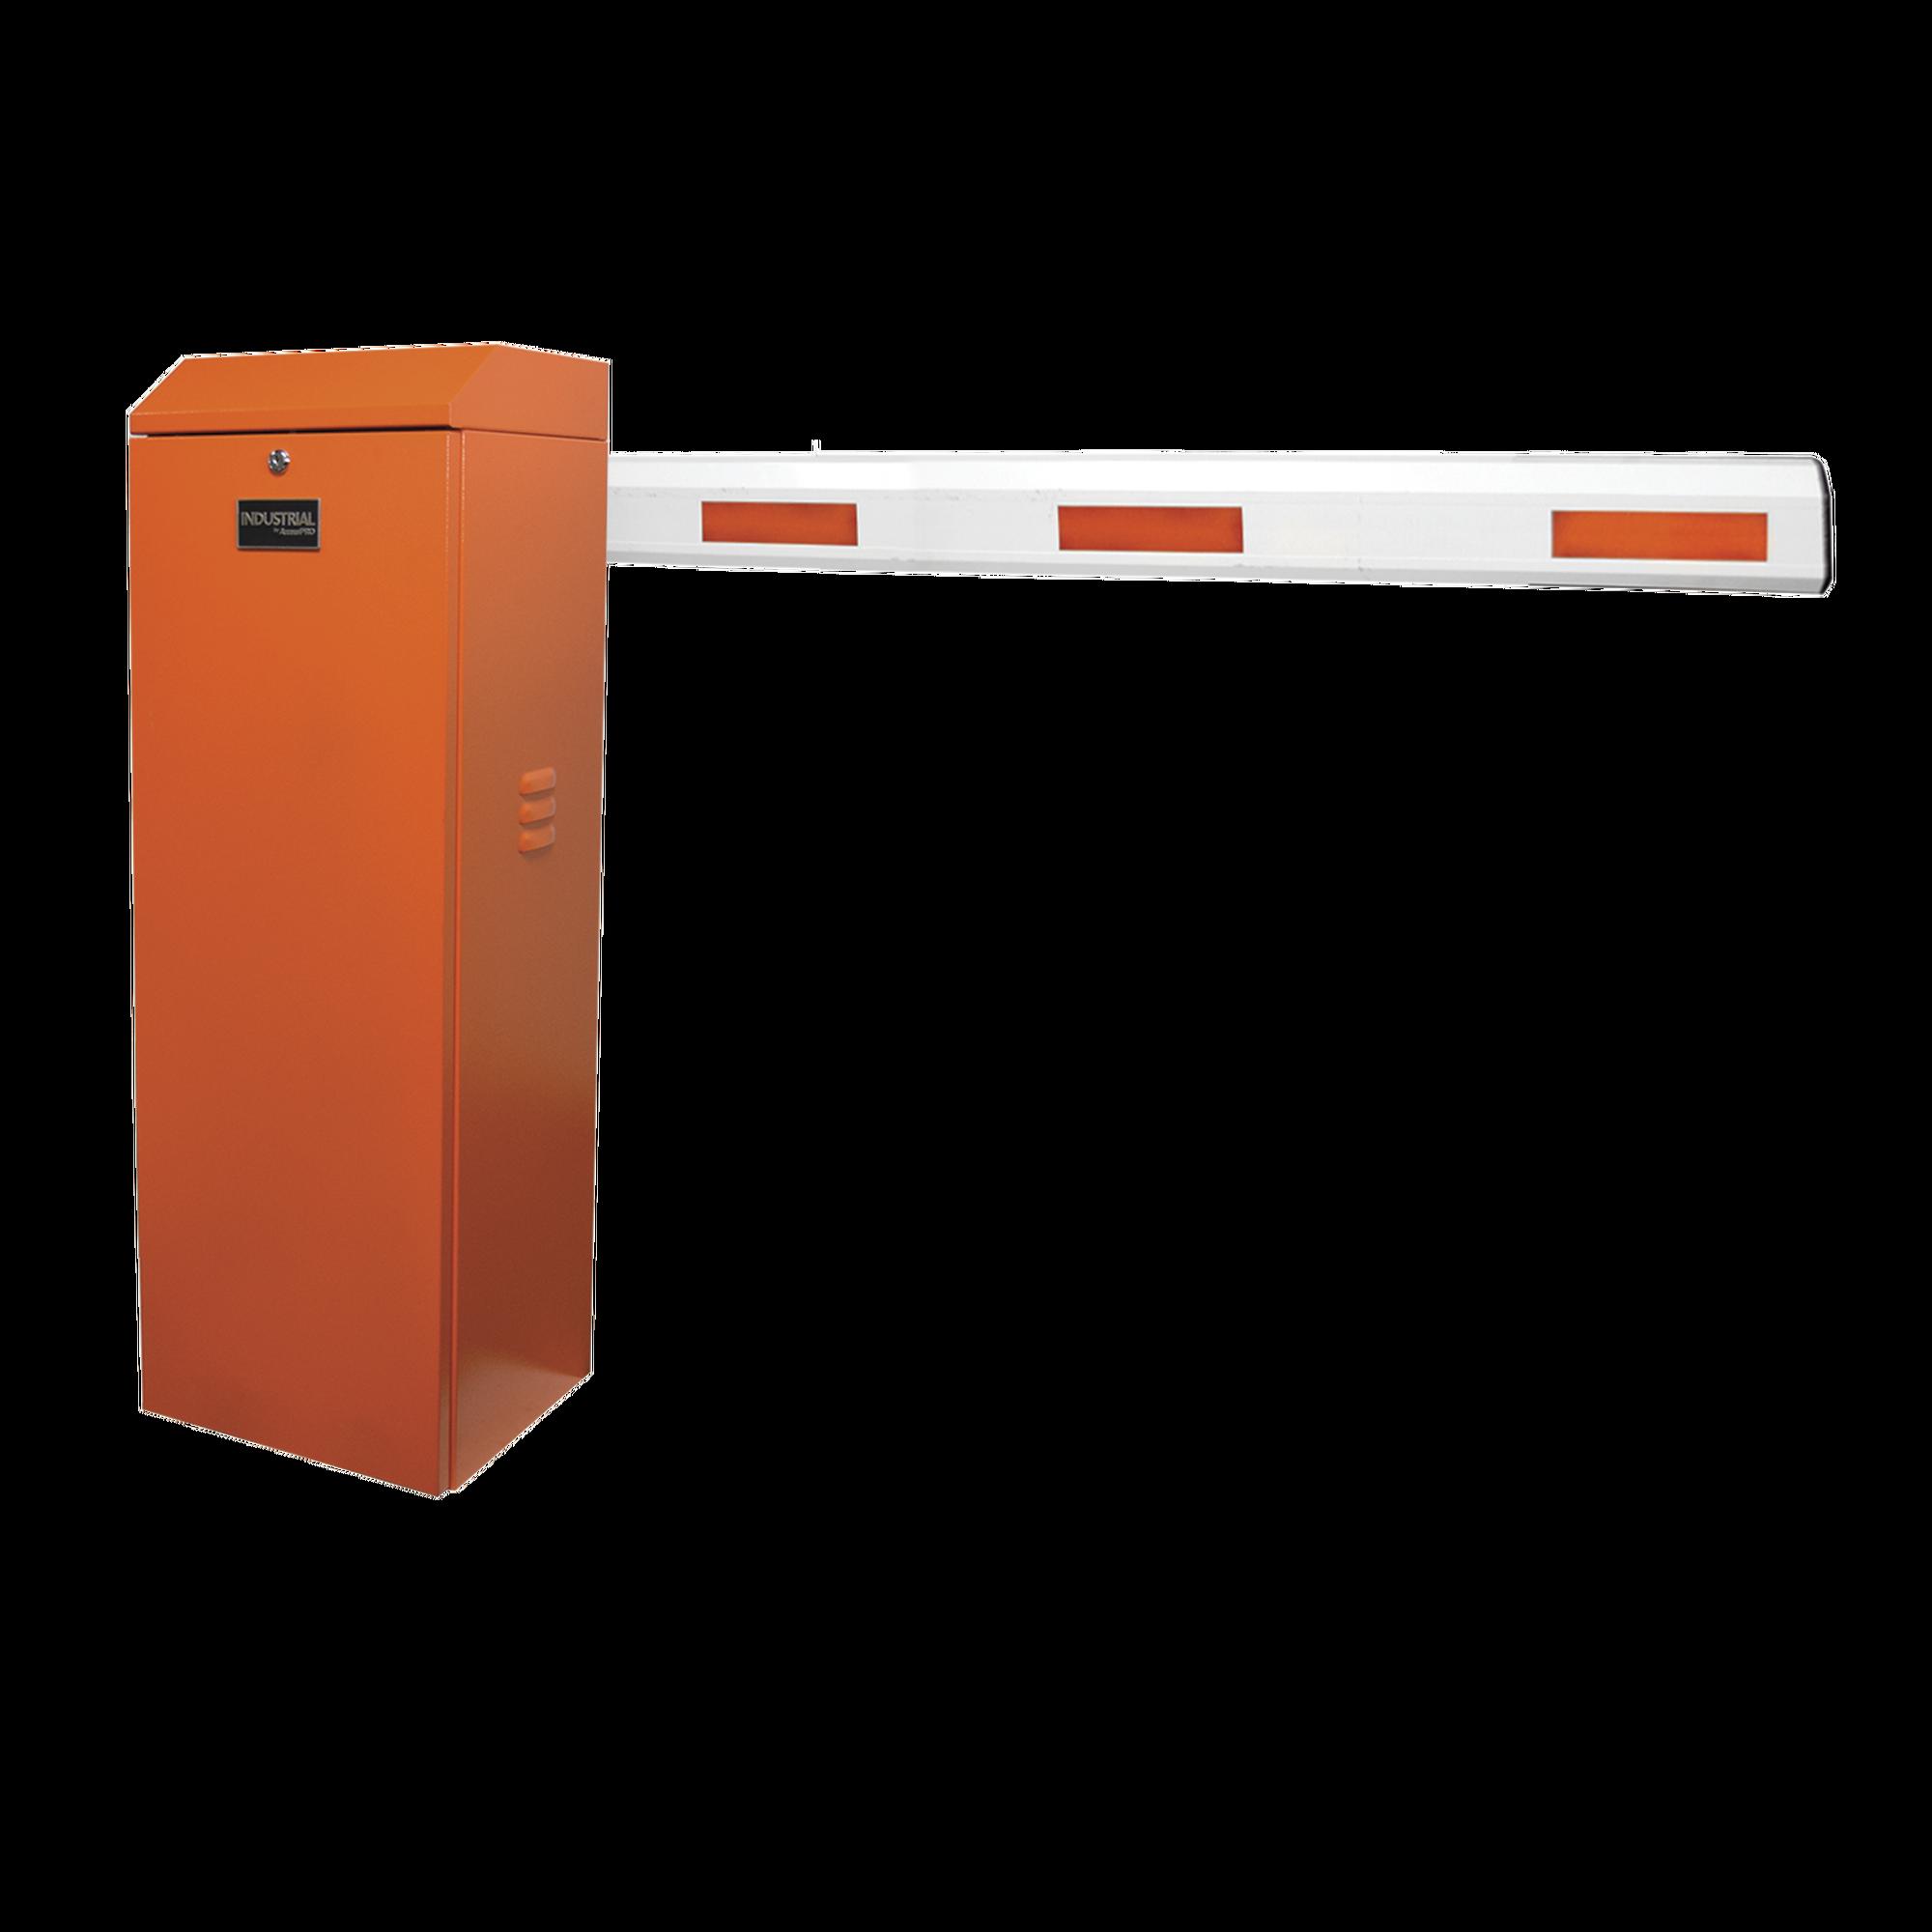 Kit de Barrera Vehicular Derecha Color Naranja y Brazo Ajustable de 3.6 a 5.5 m